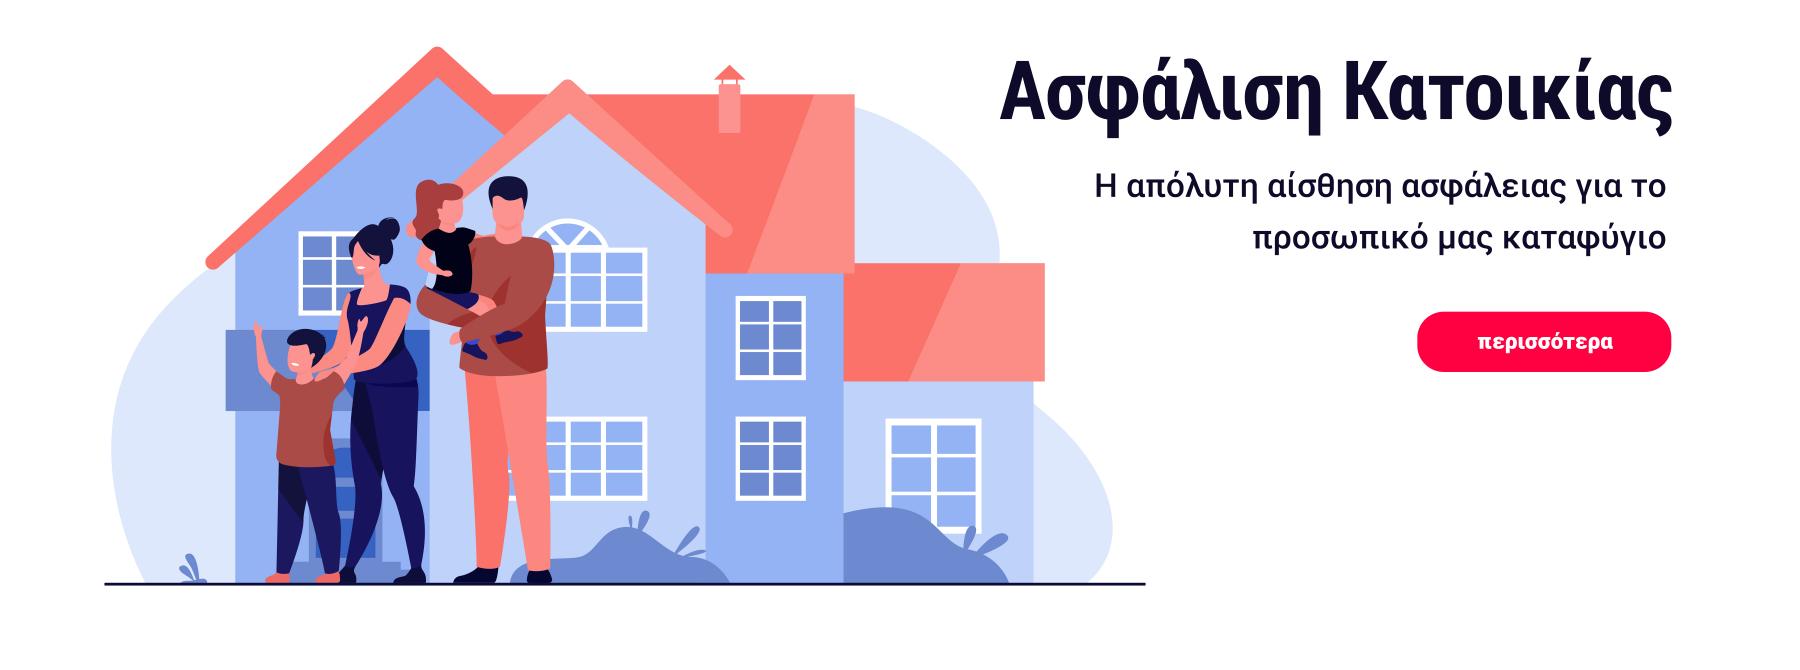 Ασφάλεια κατοικίας